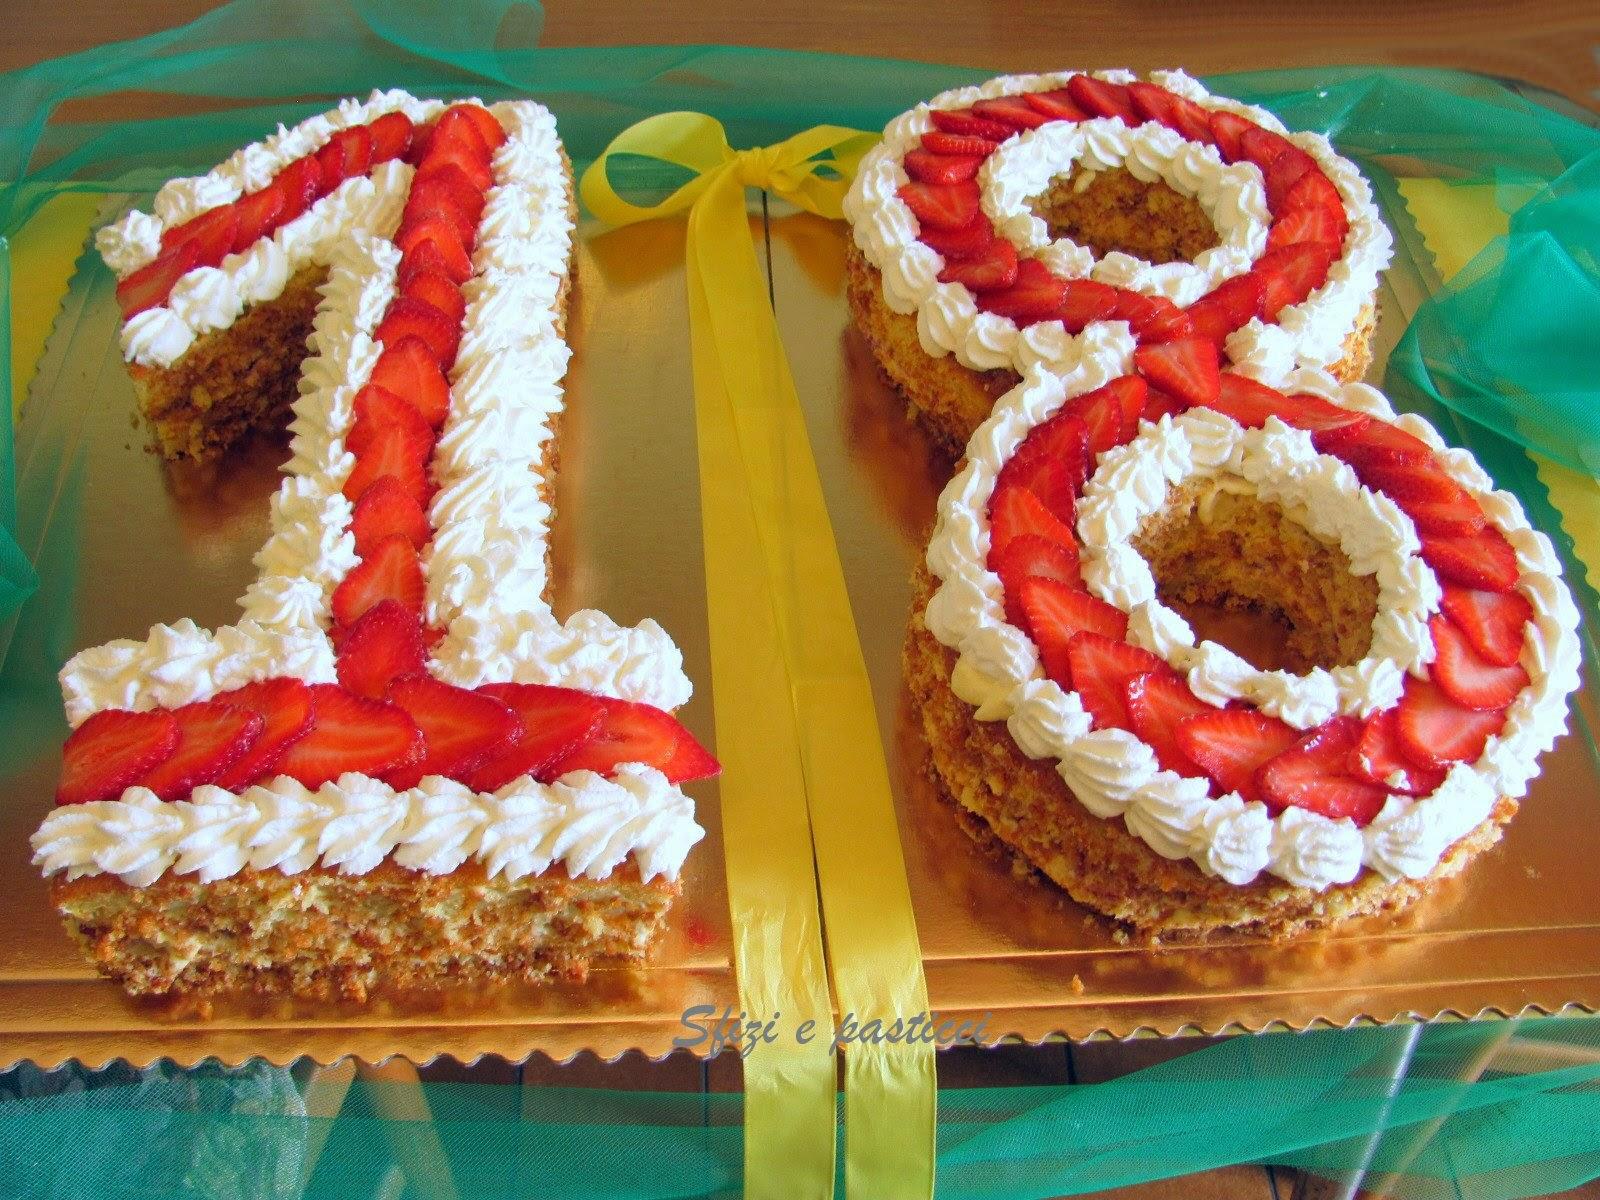 Sfizi e pasticci torta 18 anni for Torte per 18 anni maschile